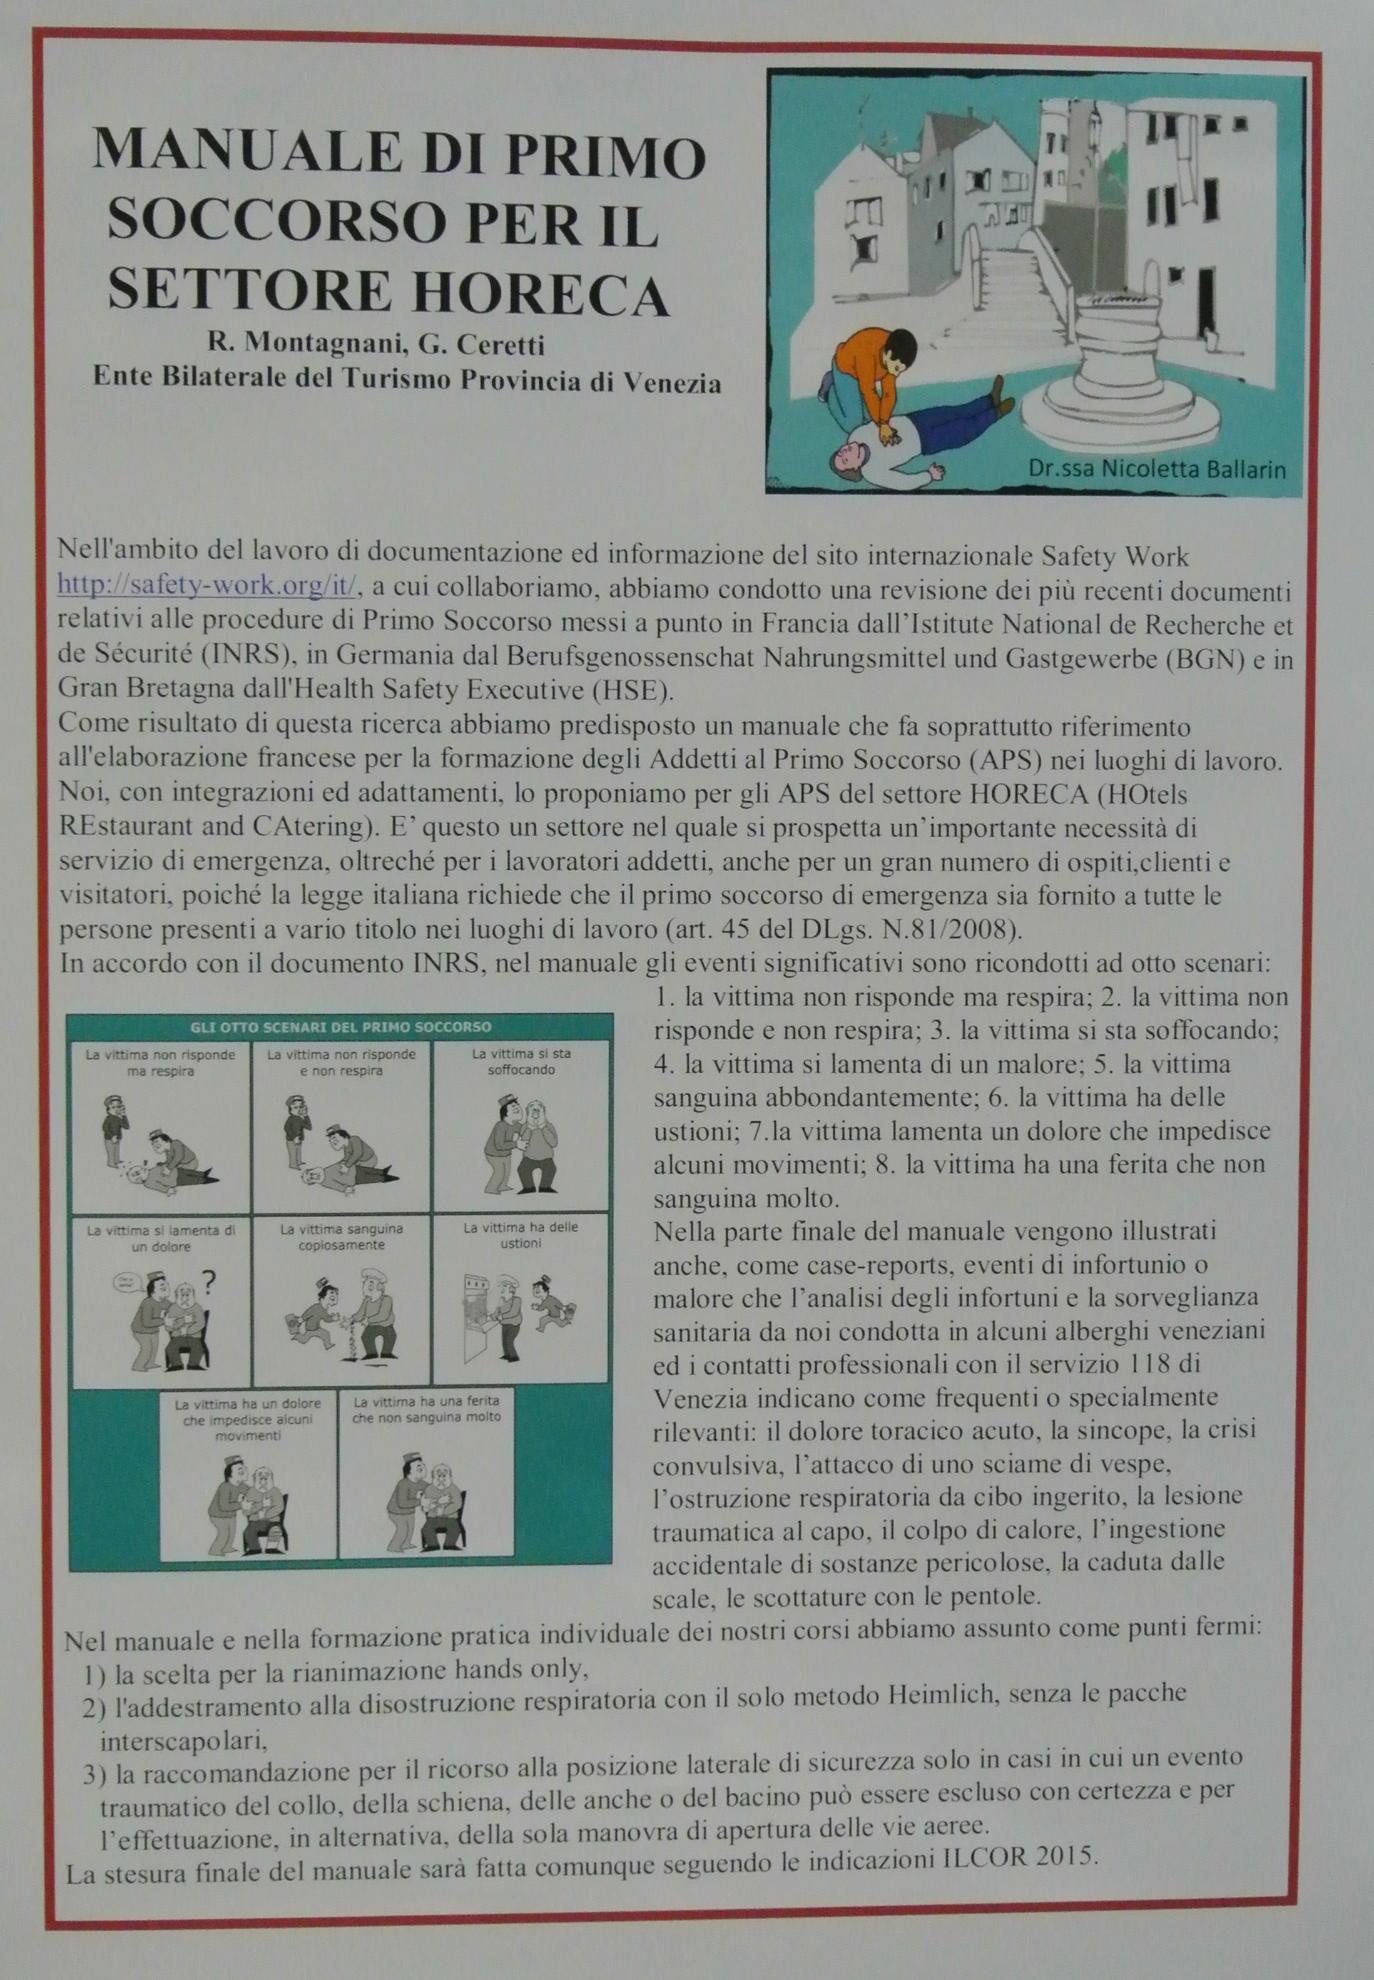 15-primo-soccorso-horeca